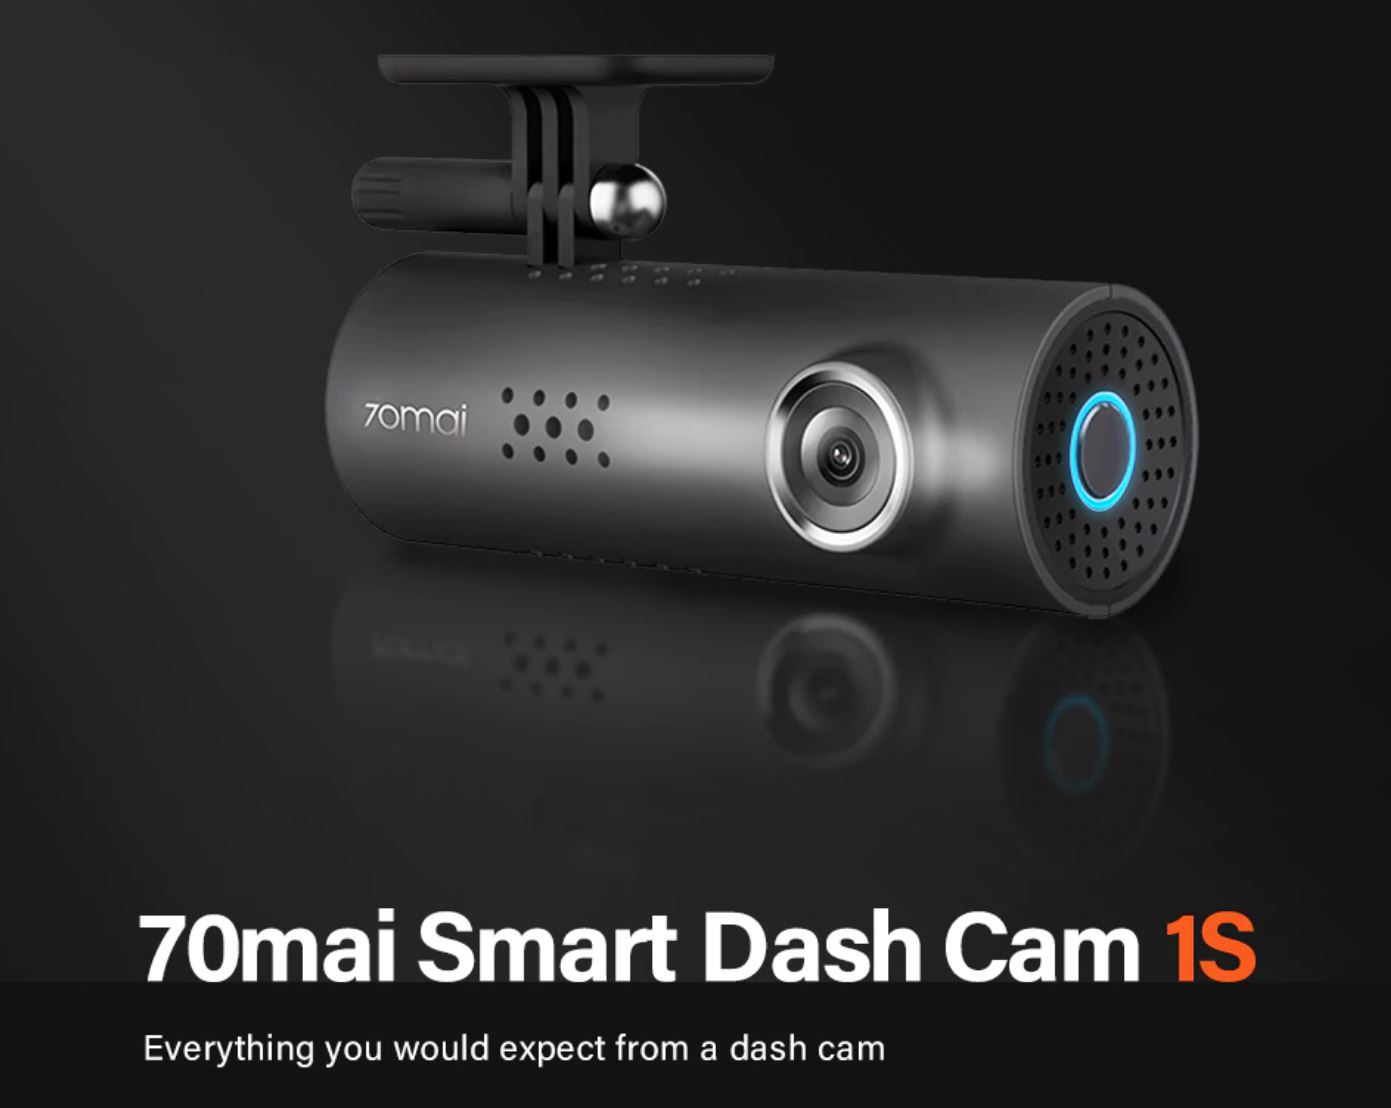 Dzień Ojca z Aliexpress - pomysły na prezent dla faceta - kamera samochodowa 70mai Smart Dash Cam 1S